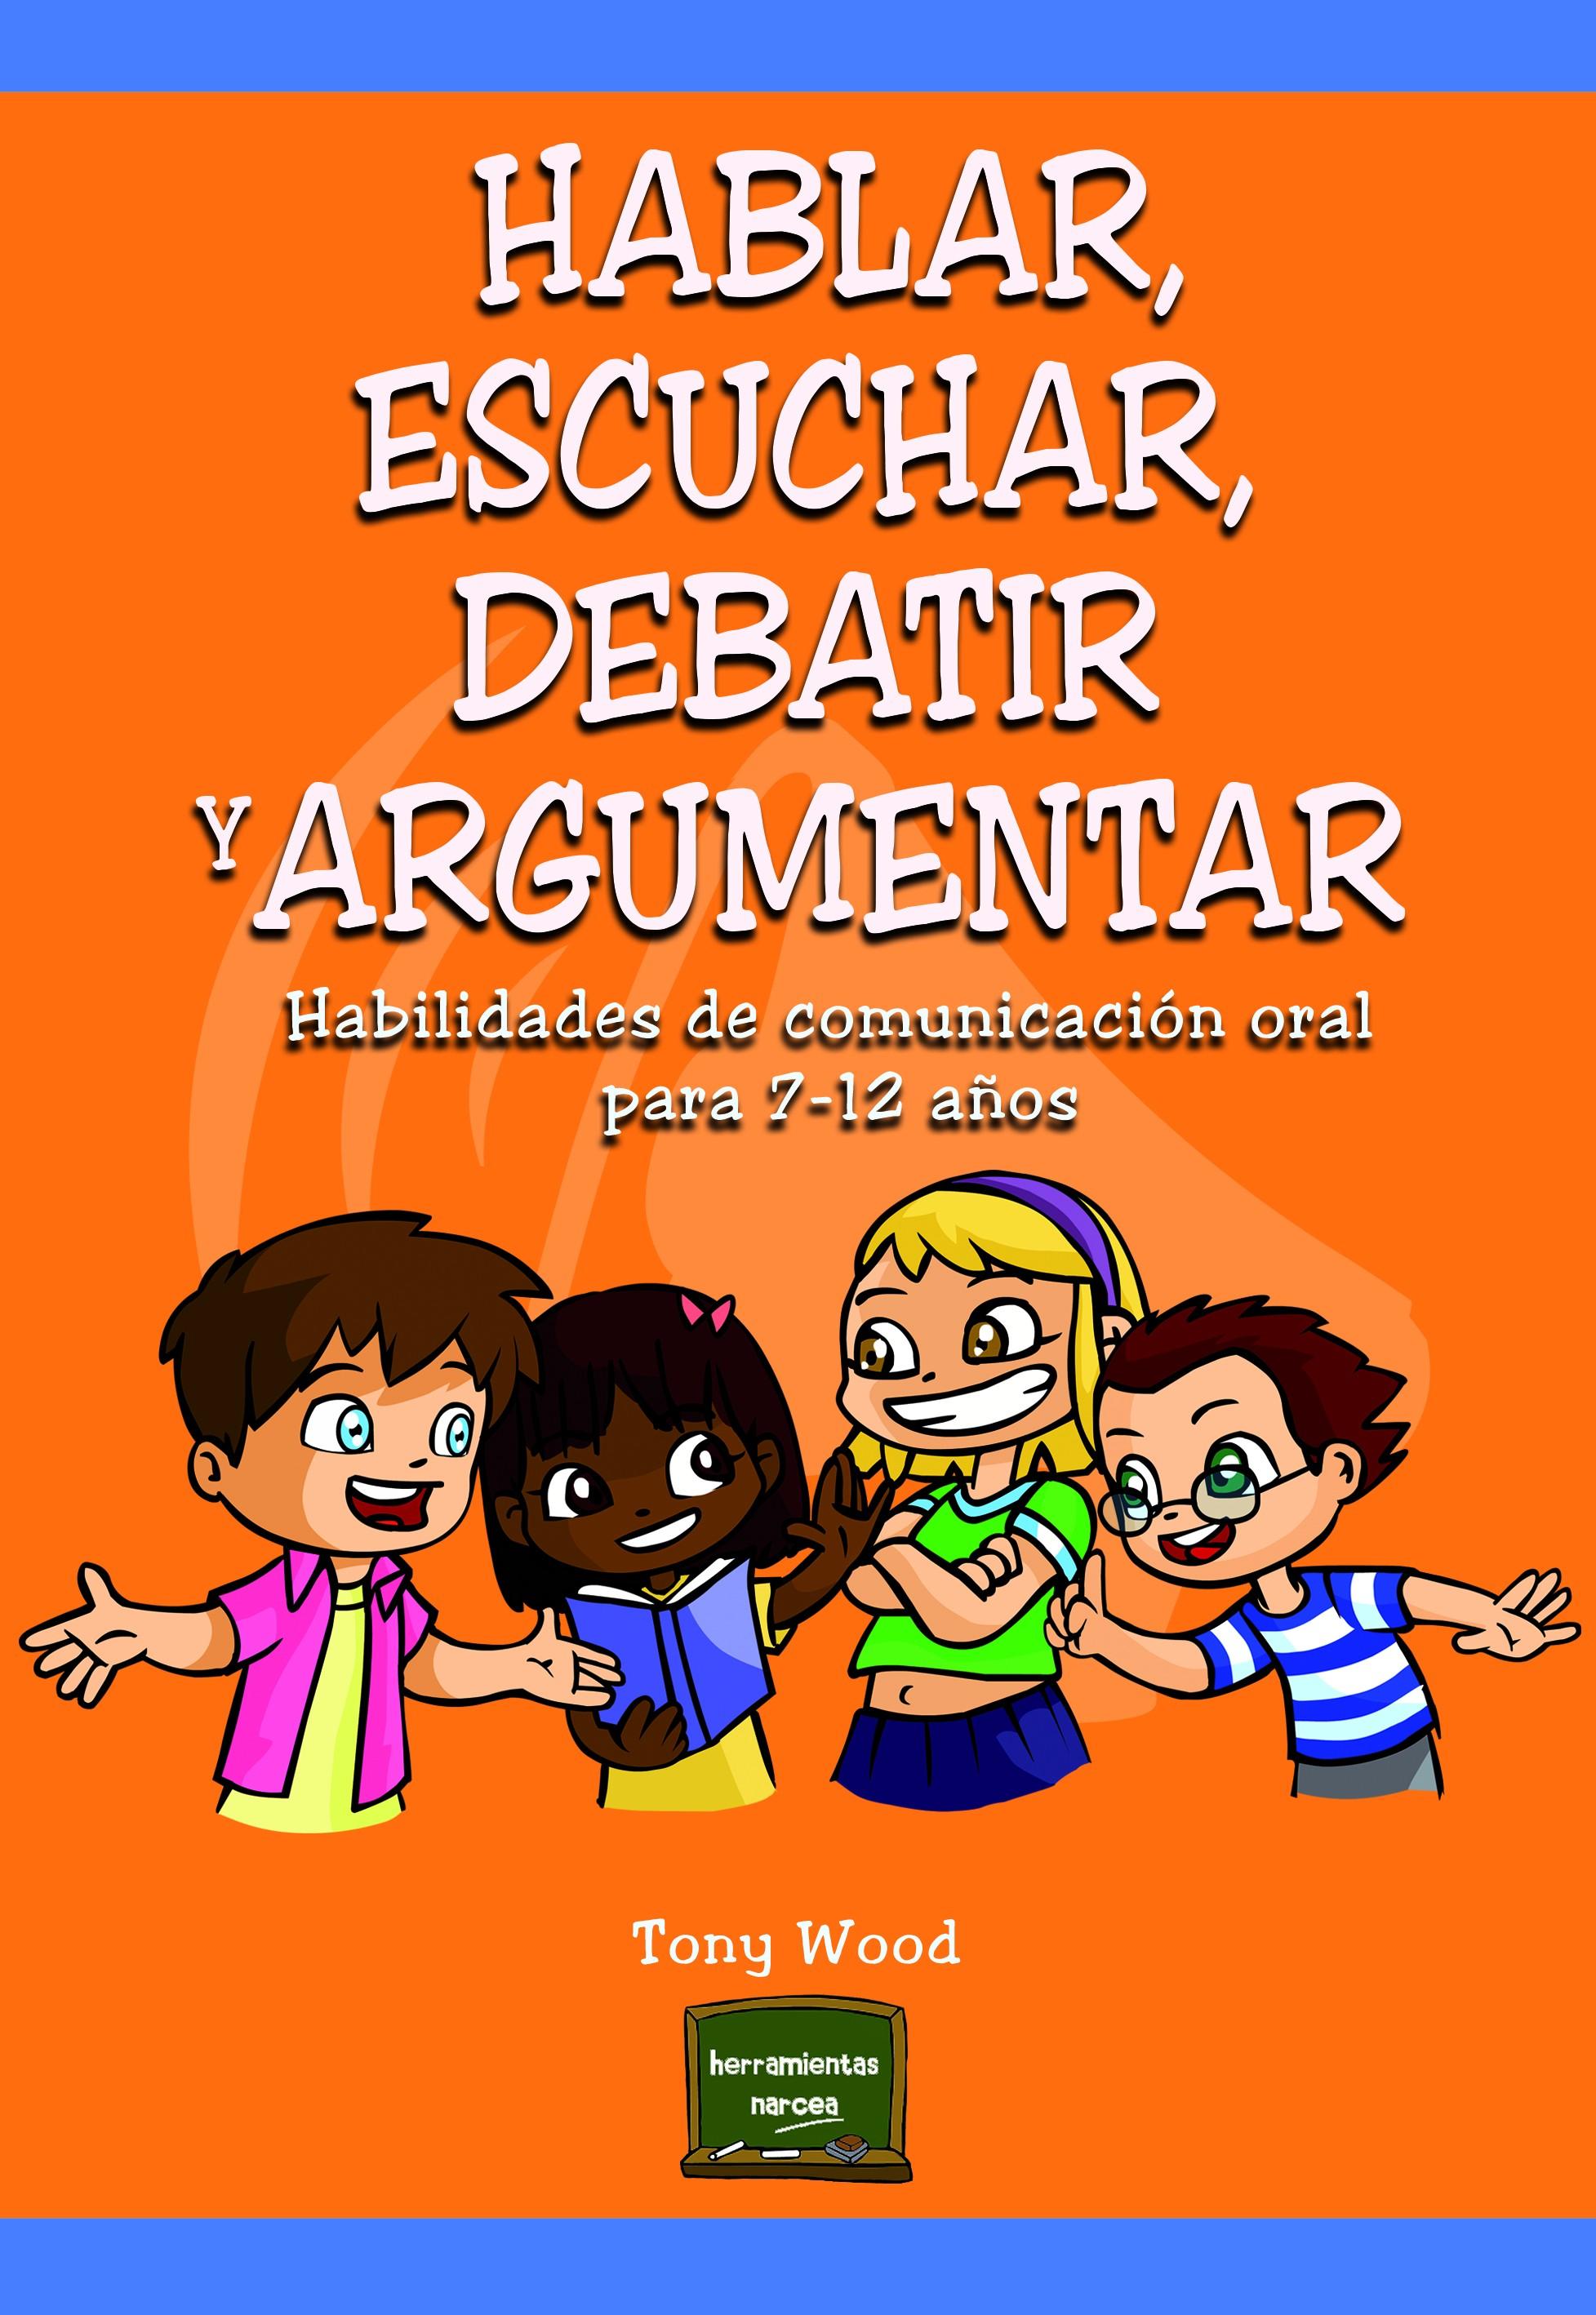 Hablar, escuchar, debatir y argumentar